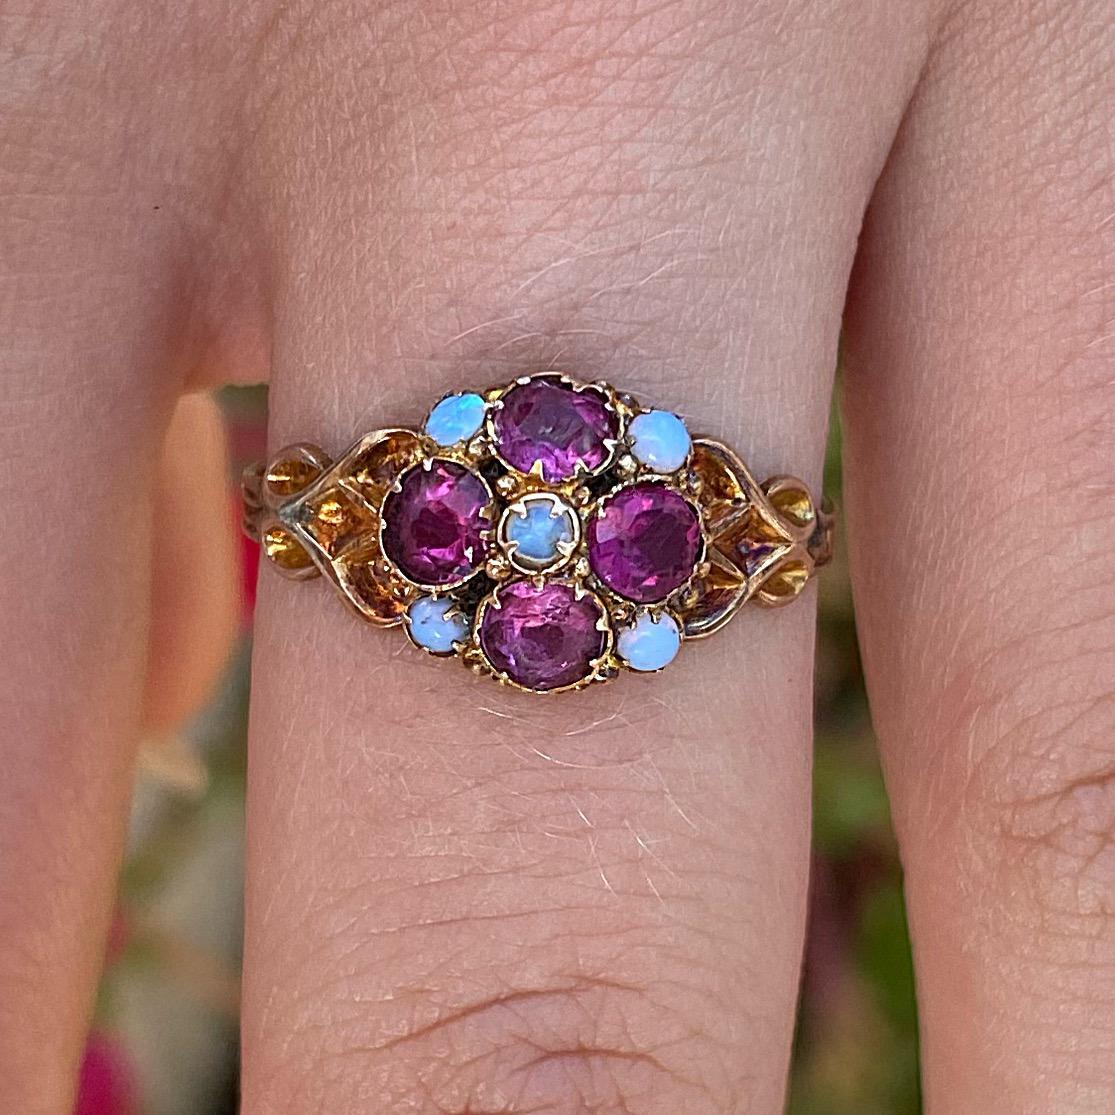 טבעת ויקטוריאנית,זהב 12k עם רובינים אופלים ועיטורים.